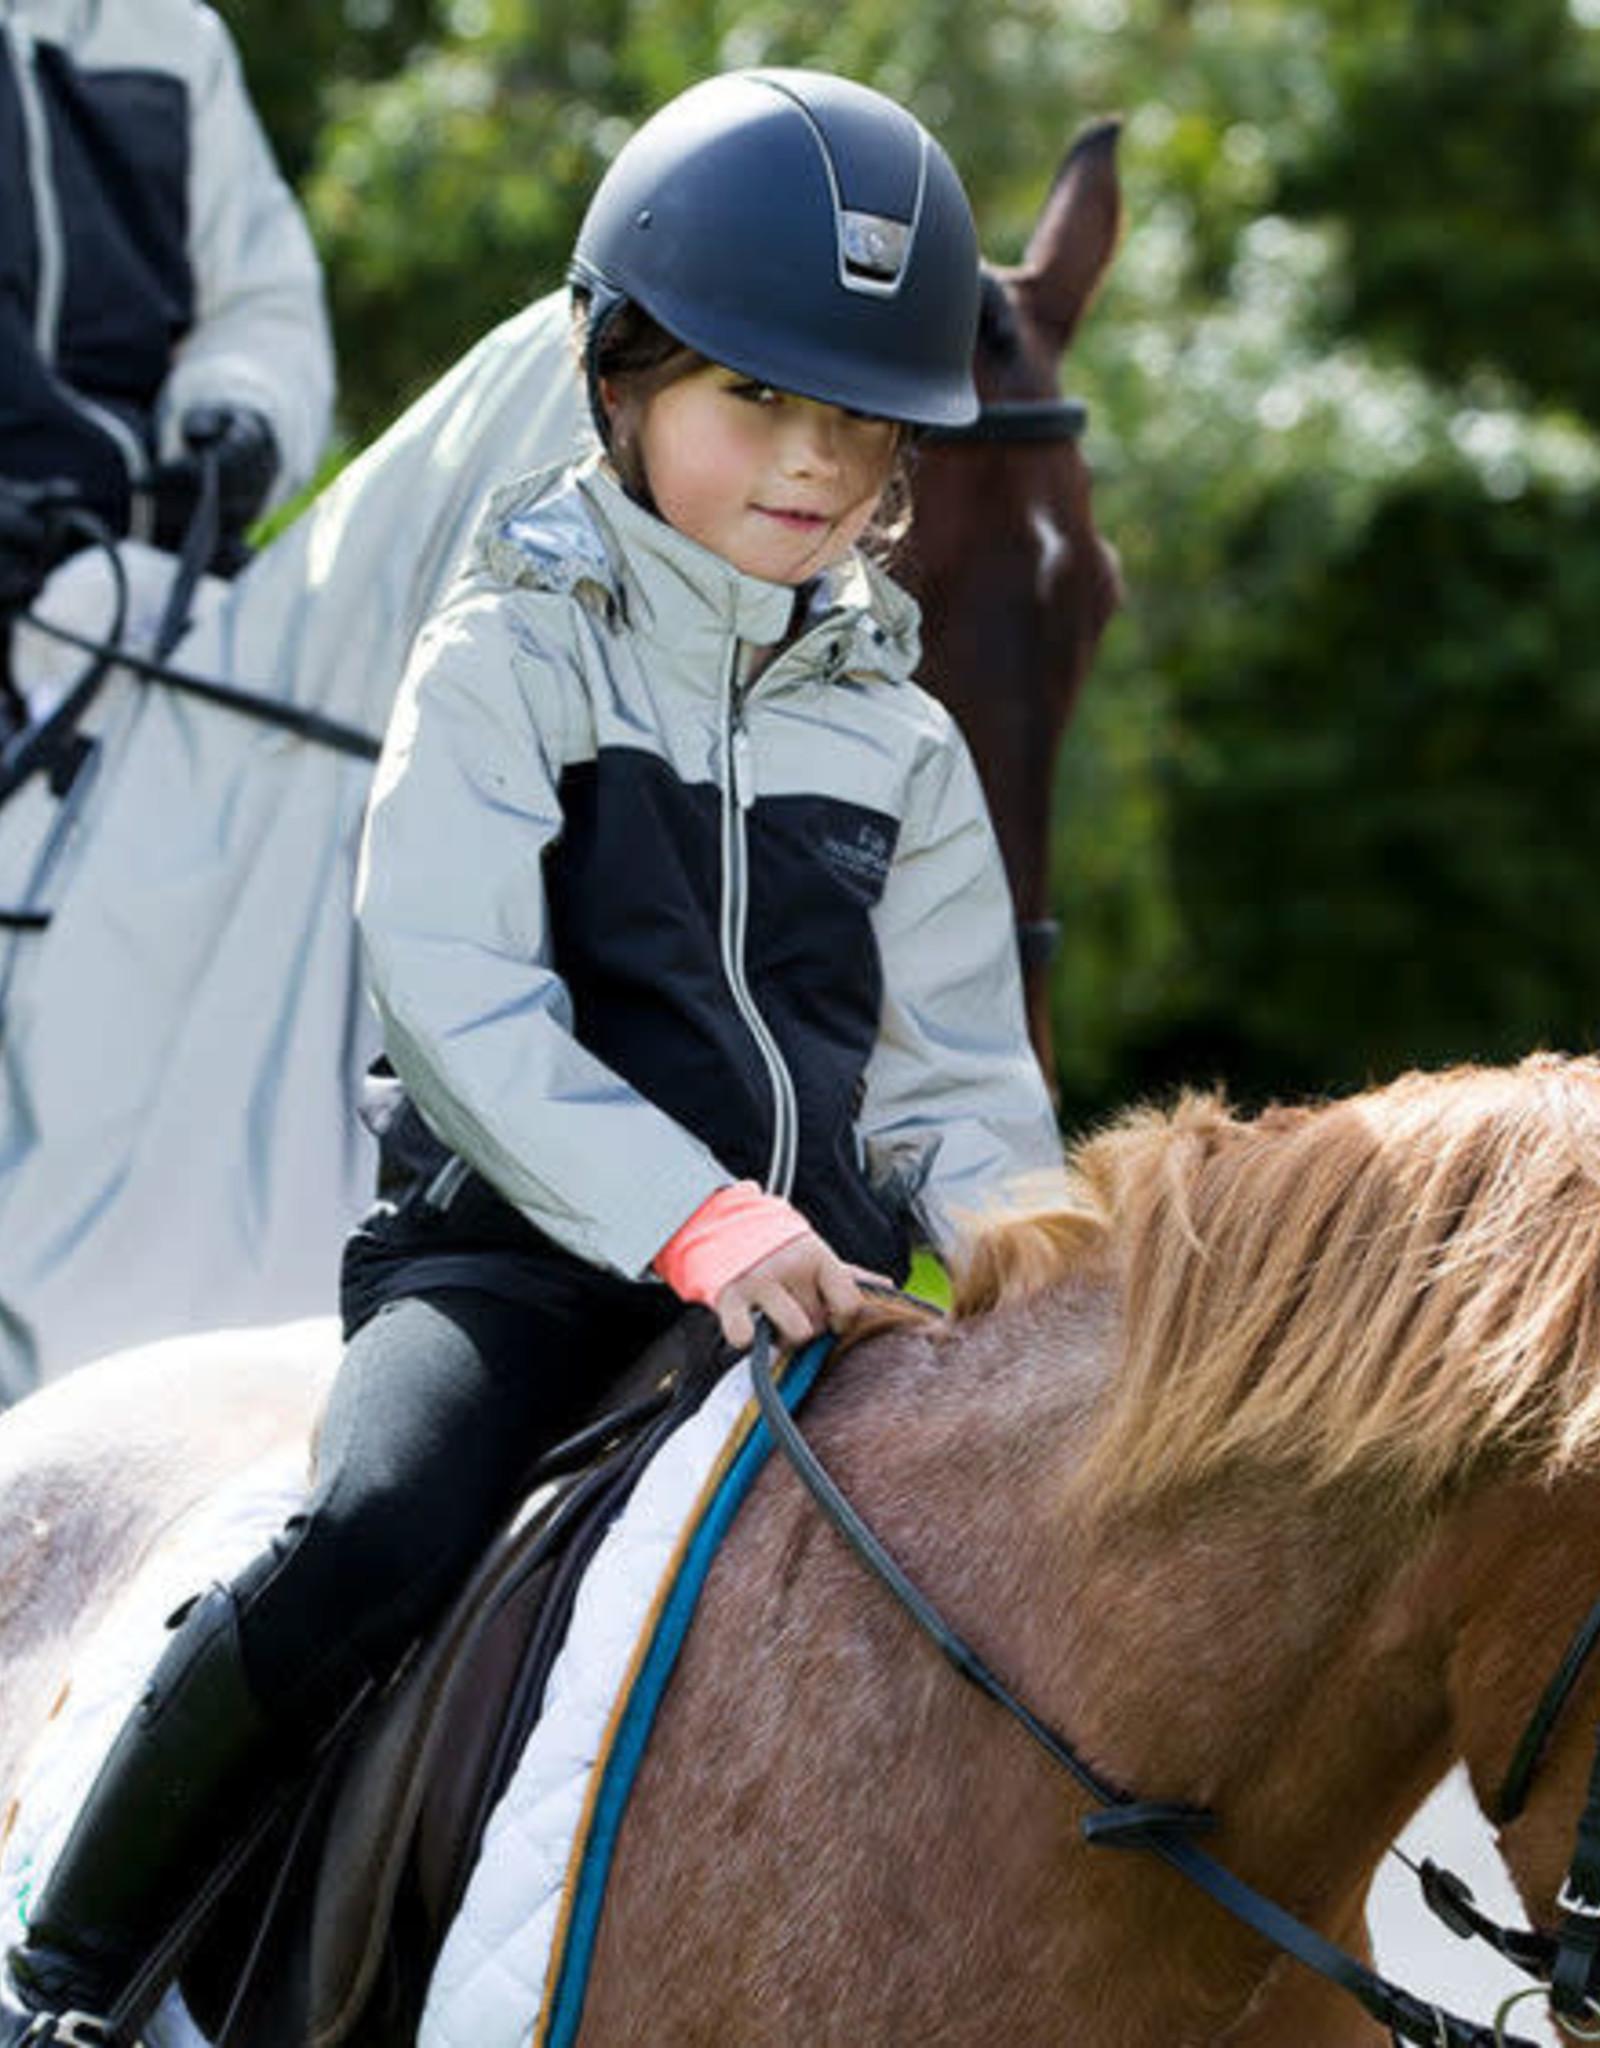 HORSEWARE IRELAND KIDS CORRIB REFLECTIVE JACKET